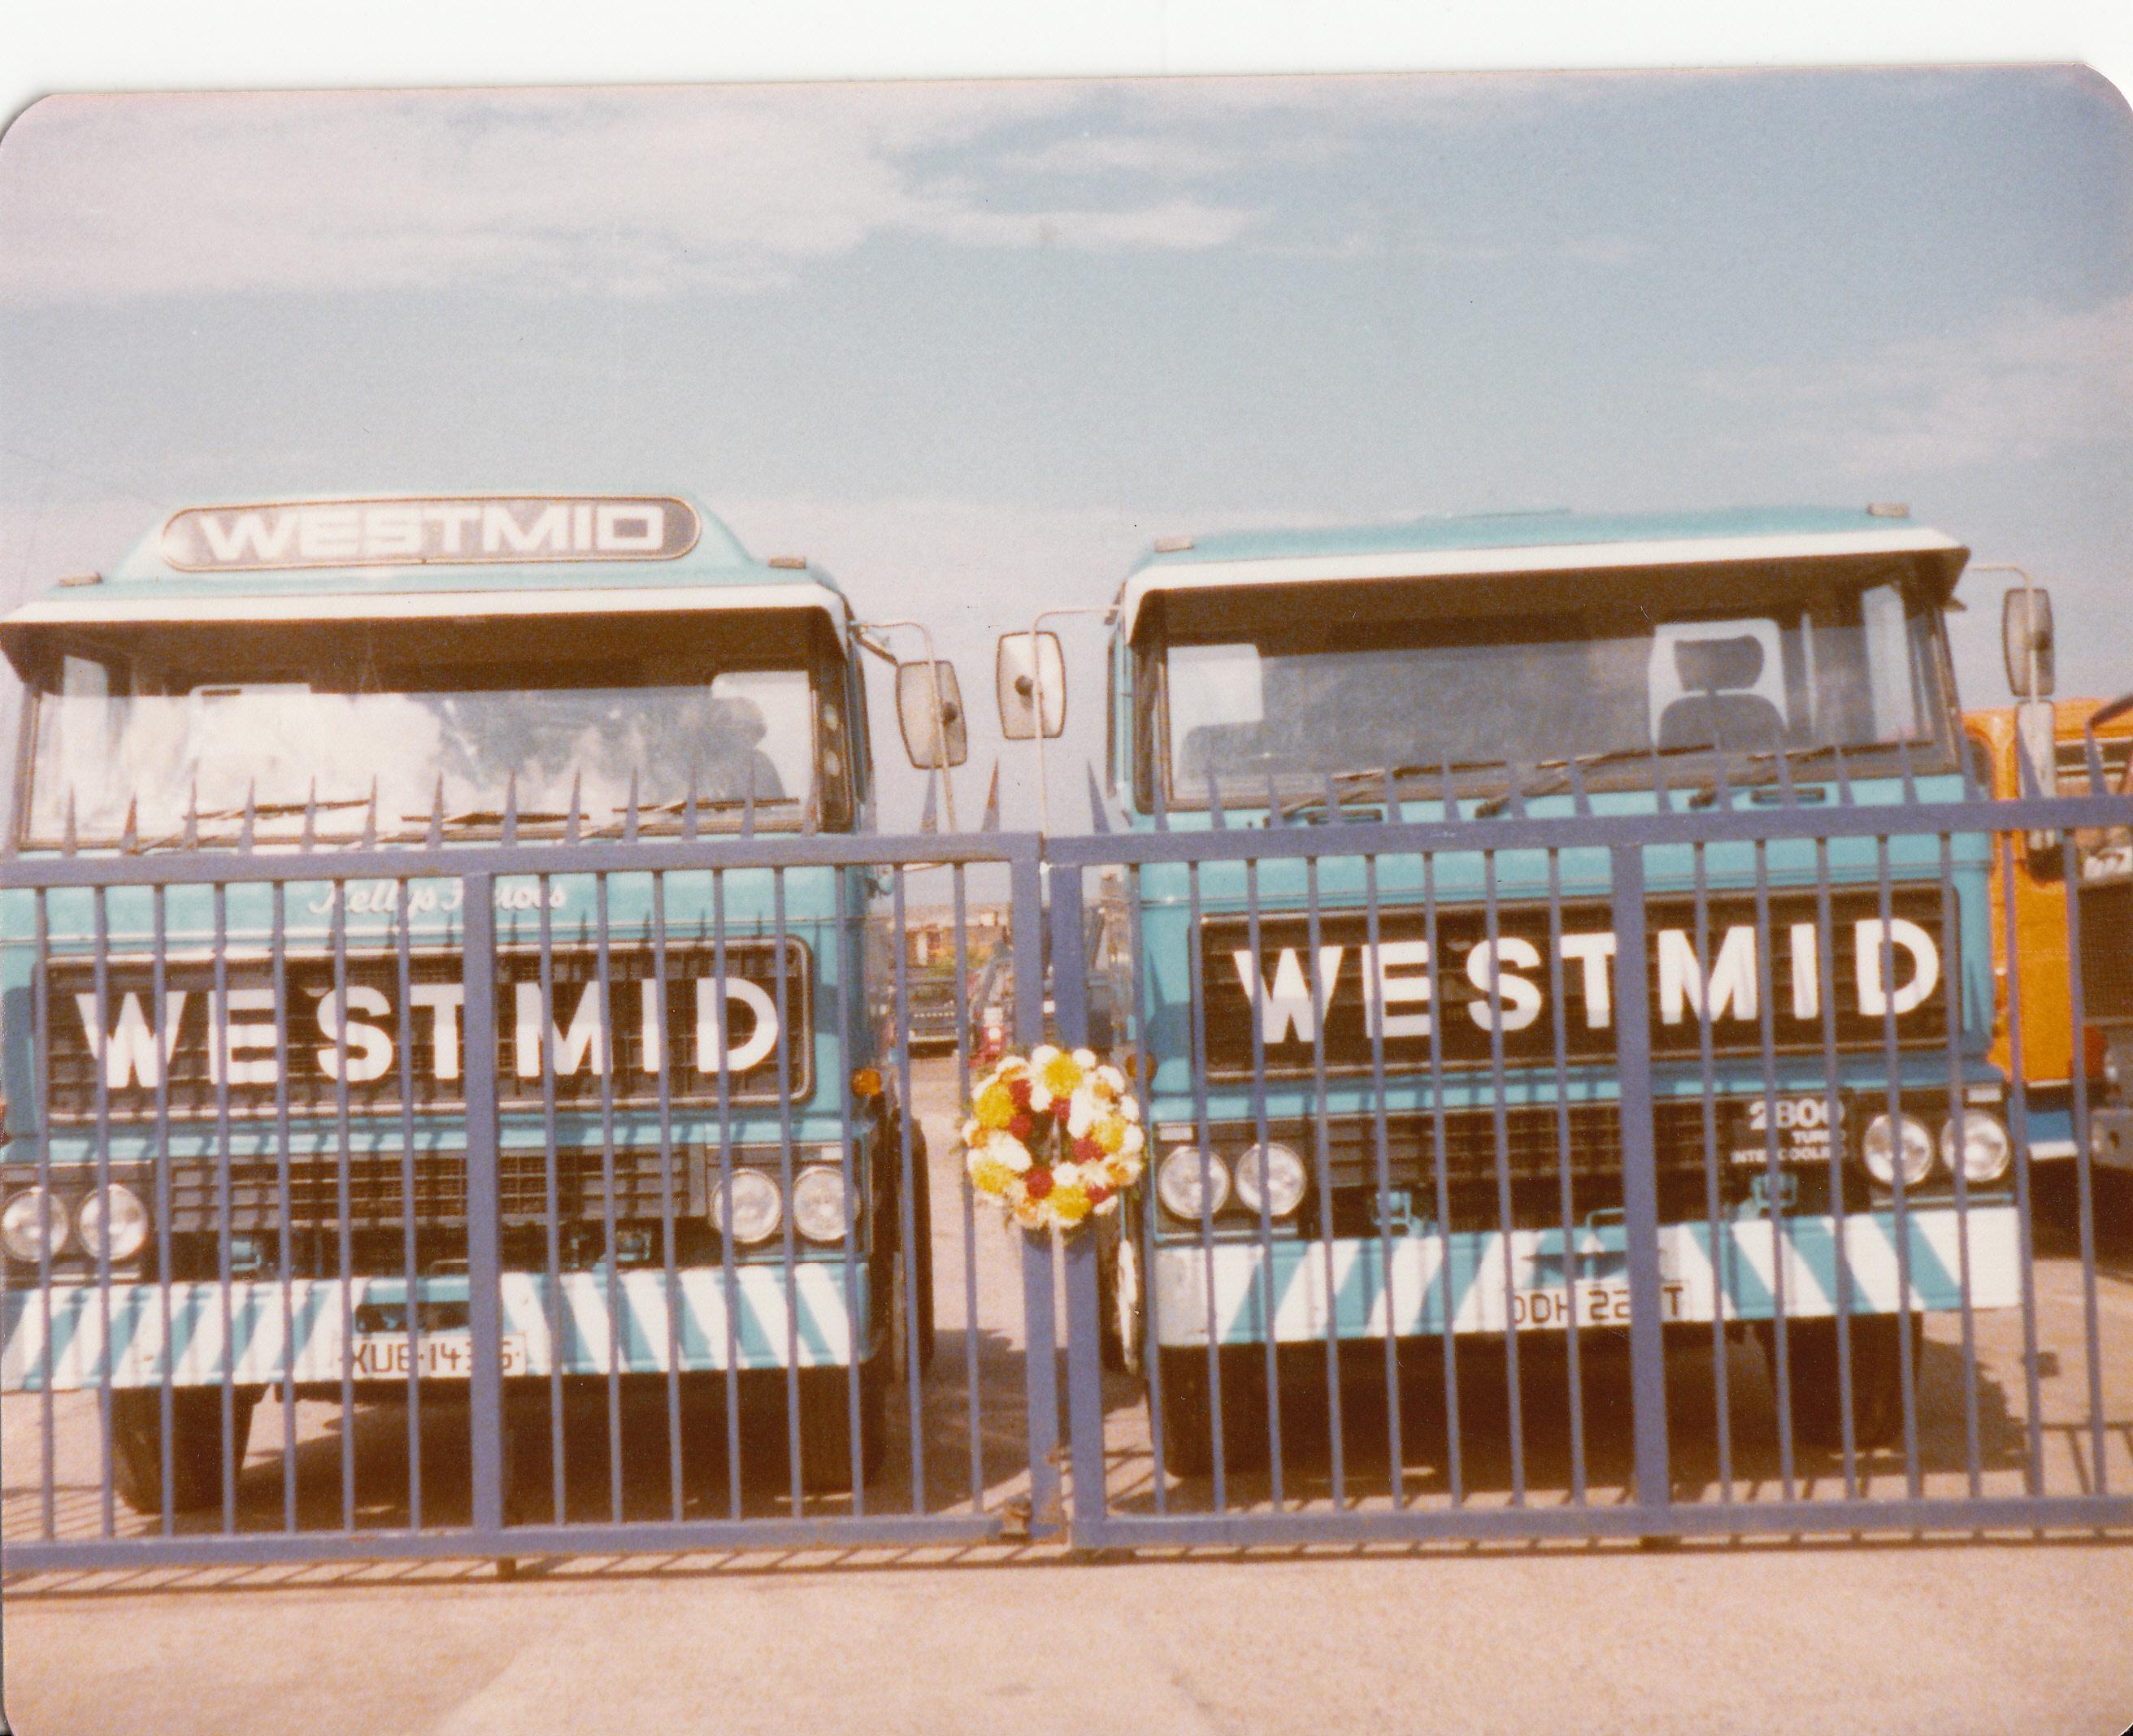 Westmid DAFs